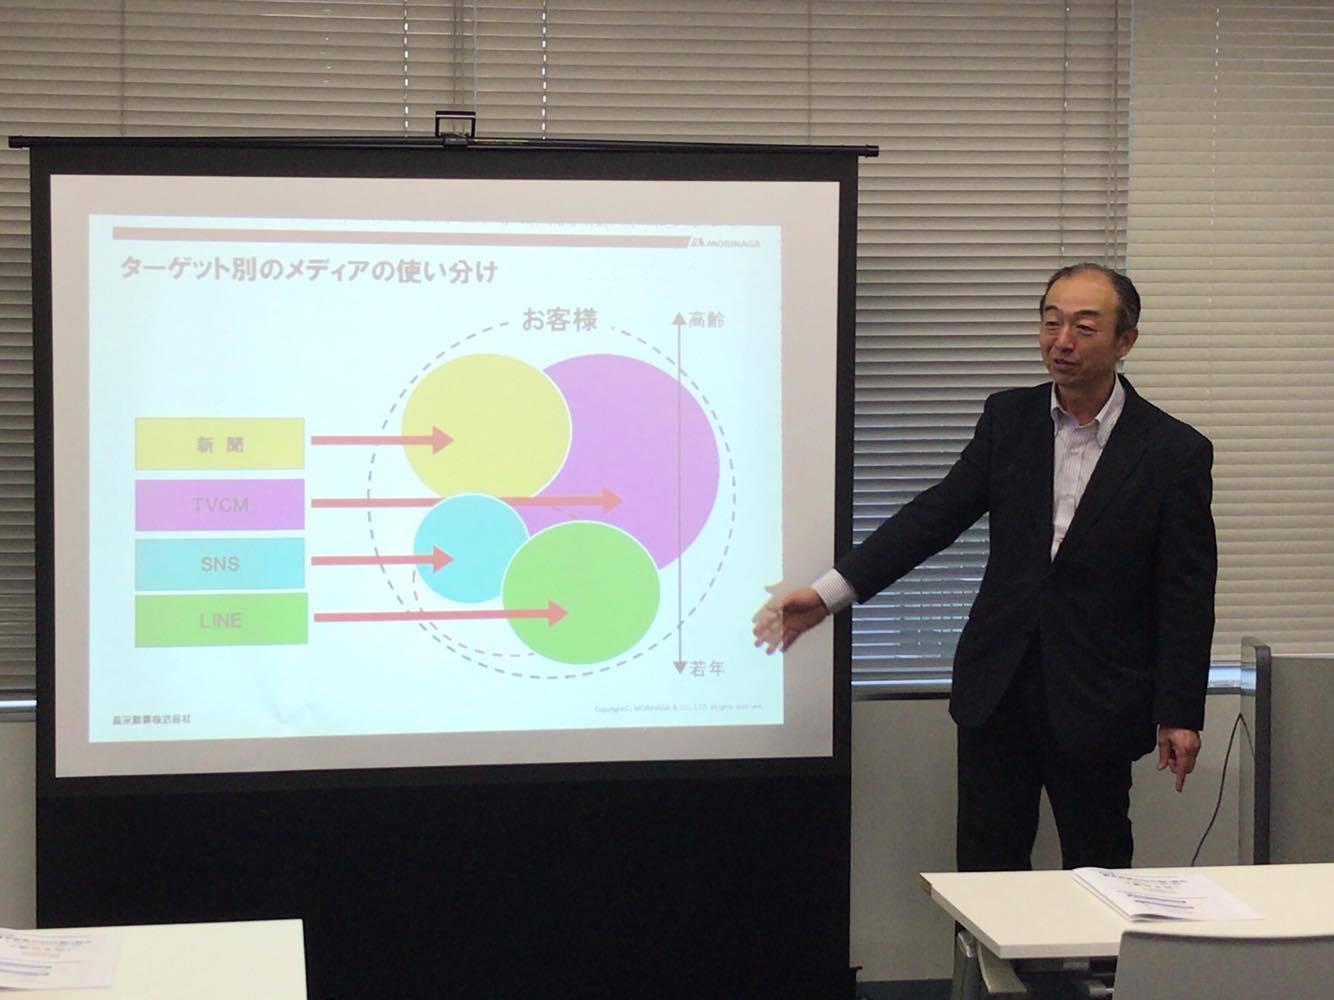 森永製菓 岩崎さまによる、ソーシャルメディアセミナーの様子